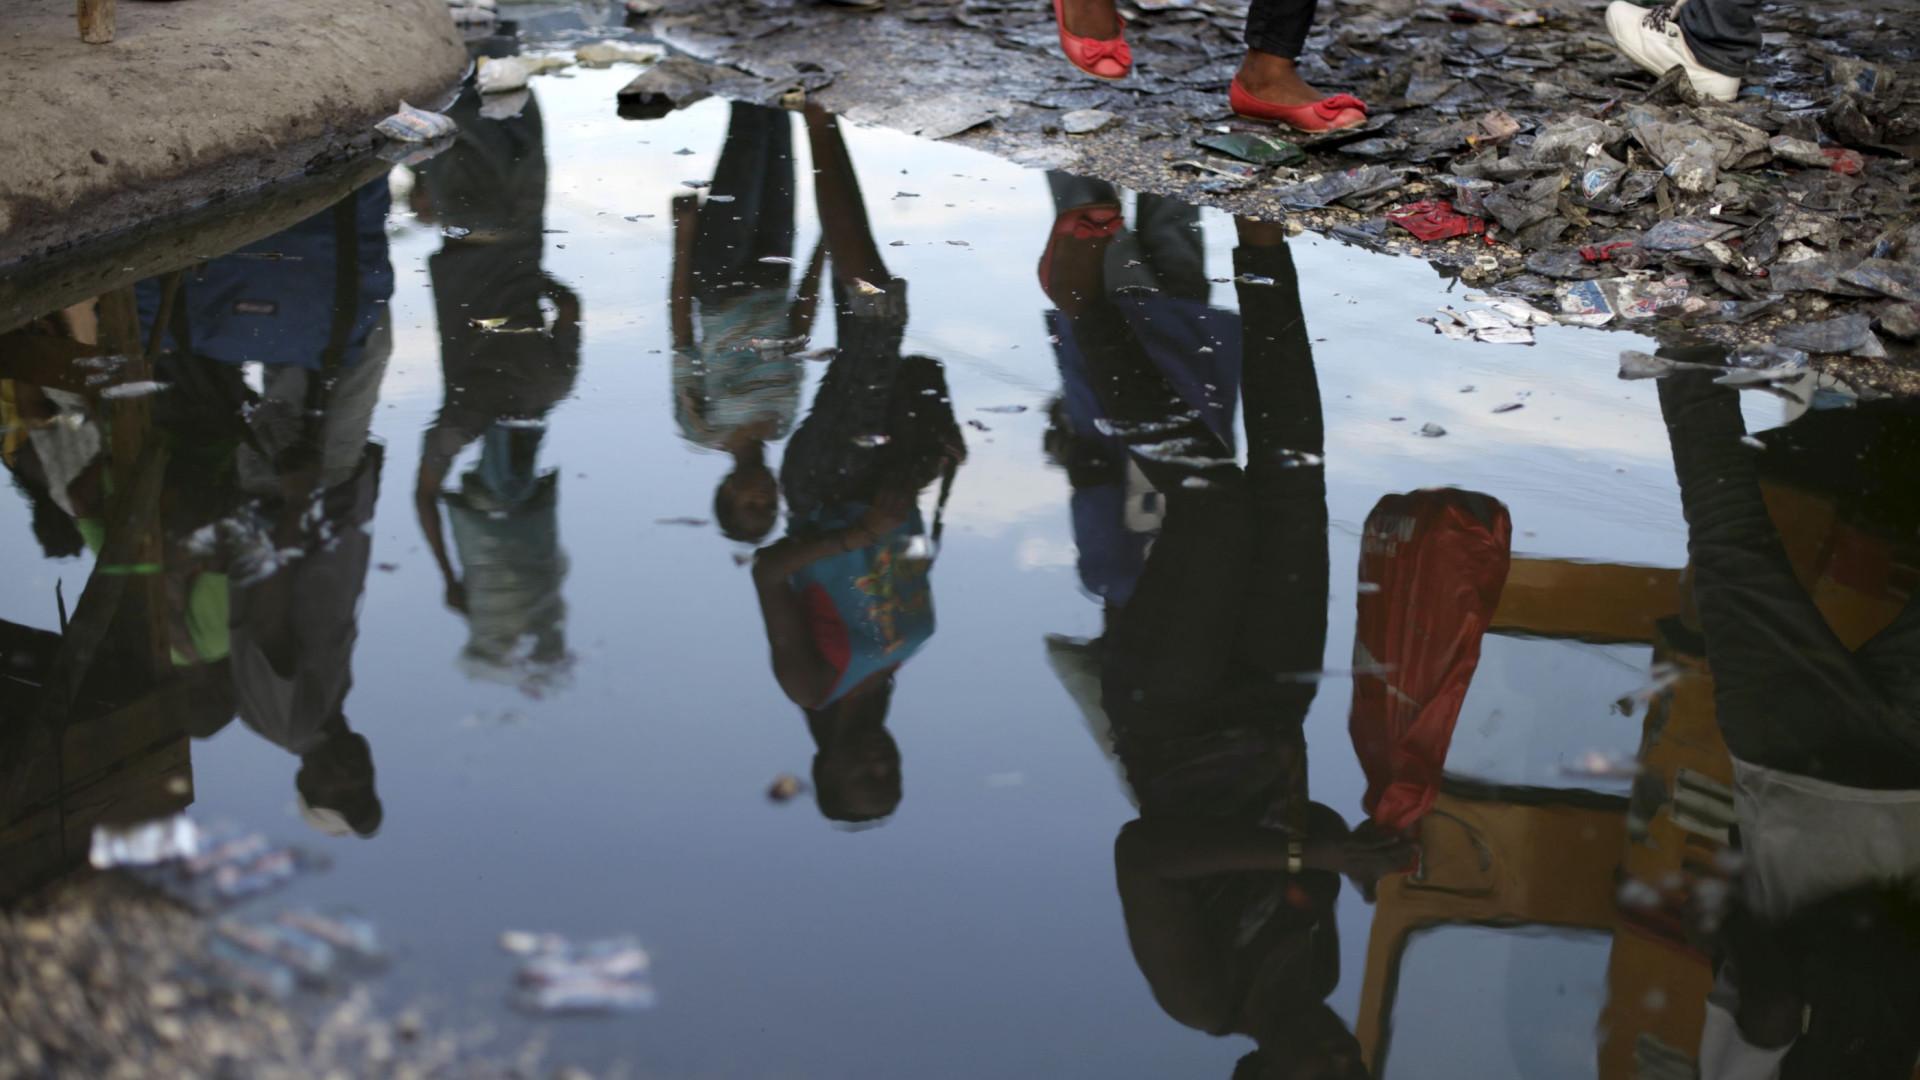 Pelo menos 15 crianças morrem num incêndio em orfanato ilegal no Haiti